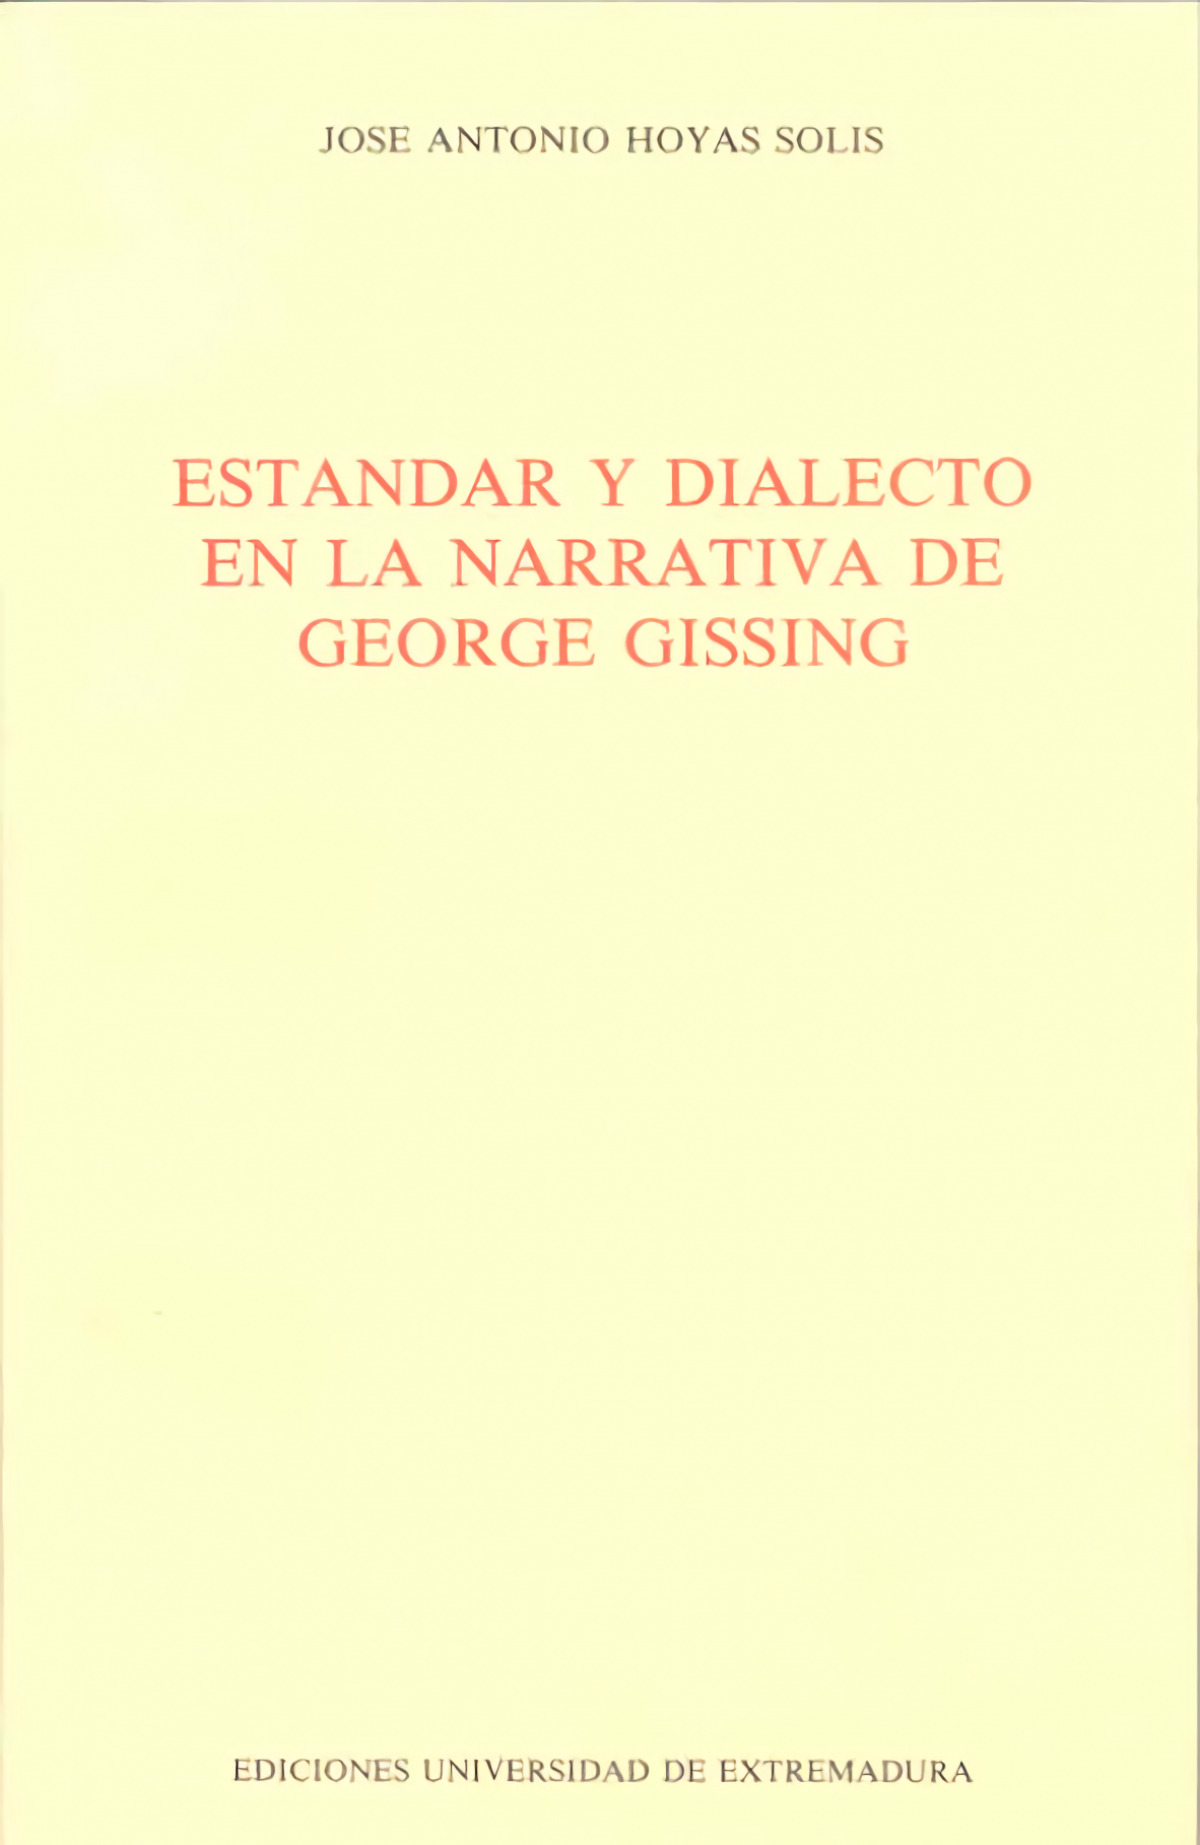 Estandar y dialecto en la narrativa de George Gissing - Hoyas Solís, José Antonio